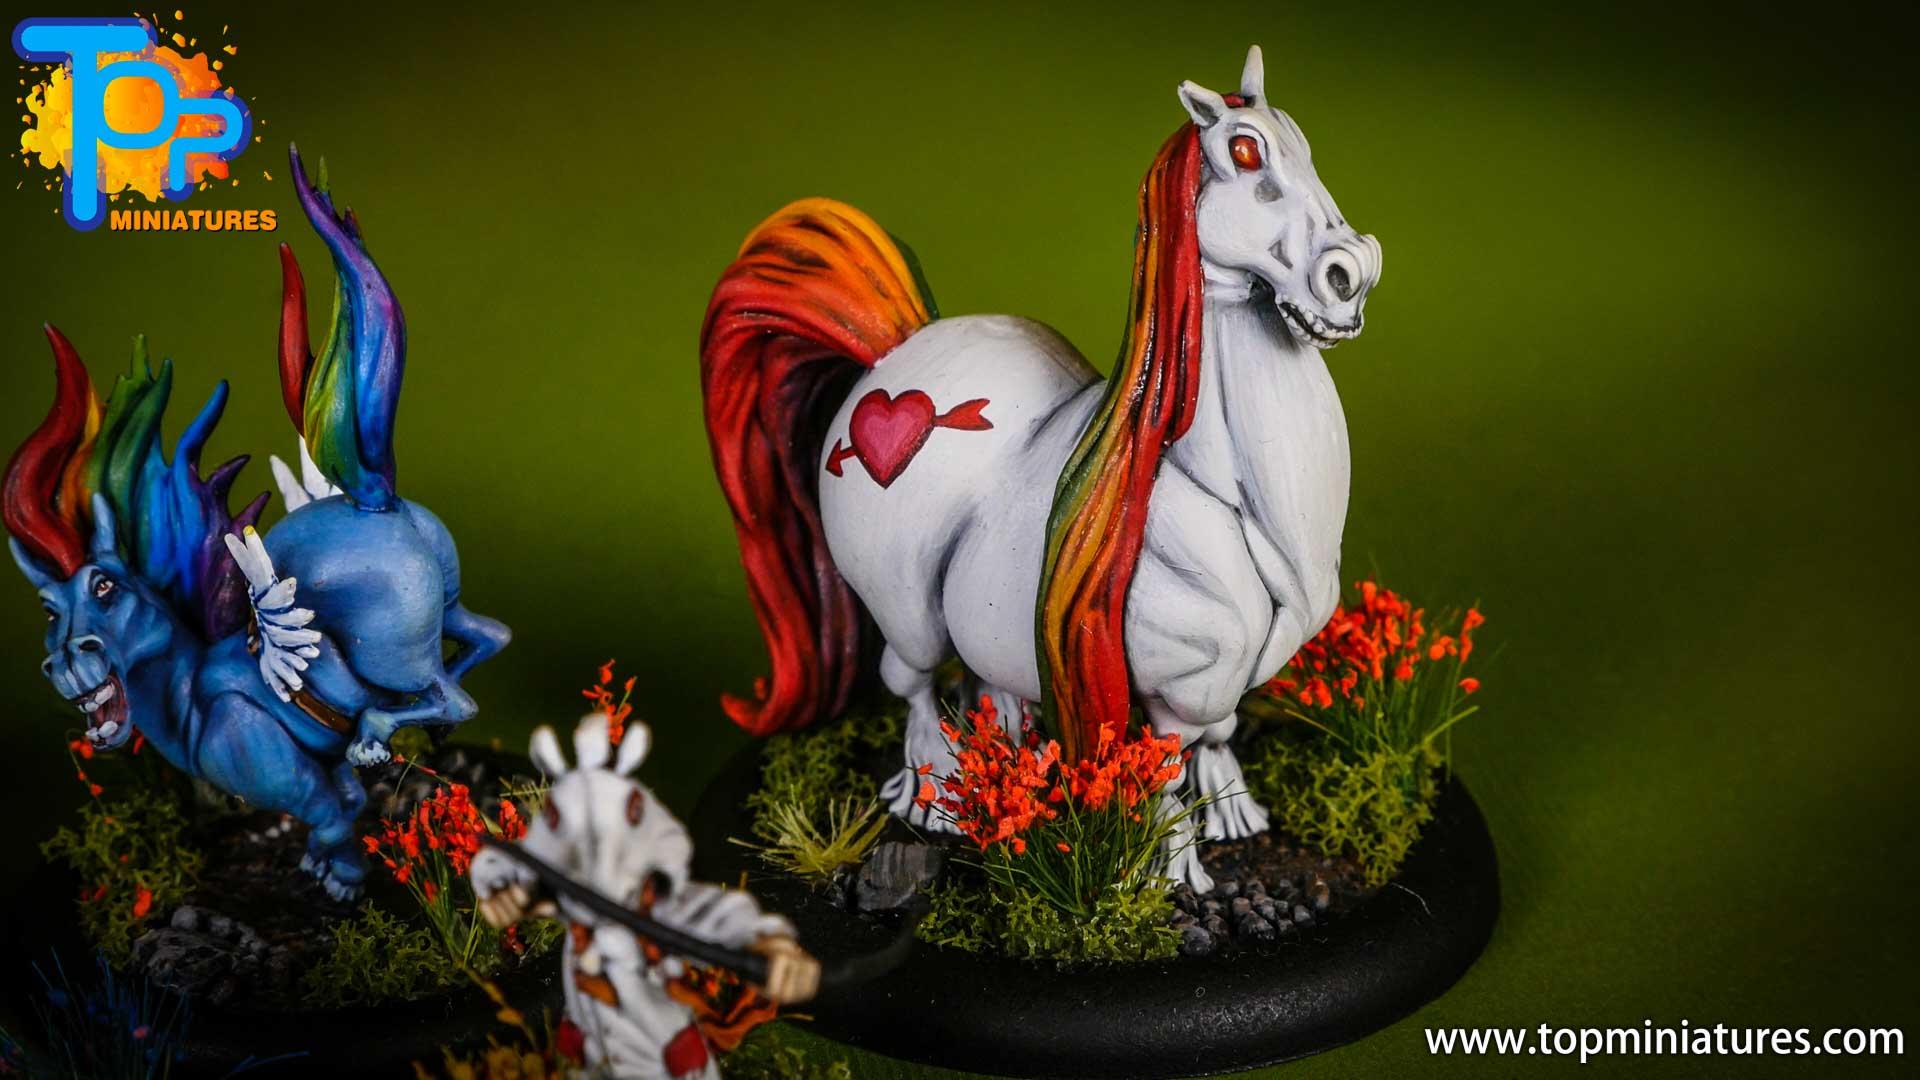 malifaux Unicorn vomit & pixie farts (6)